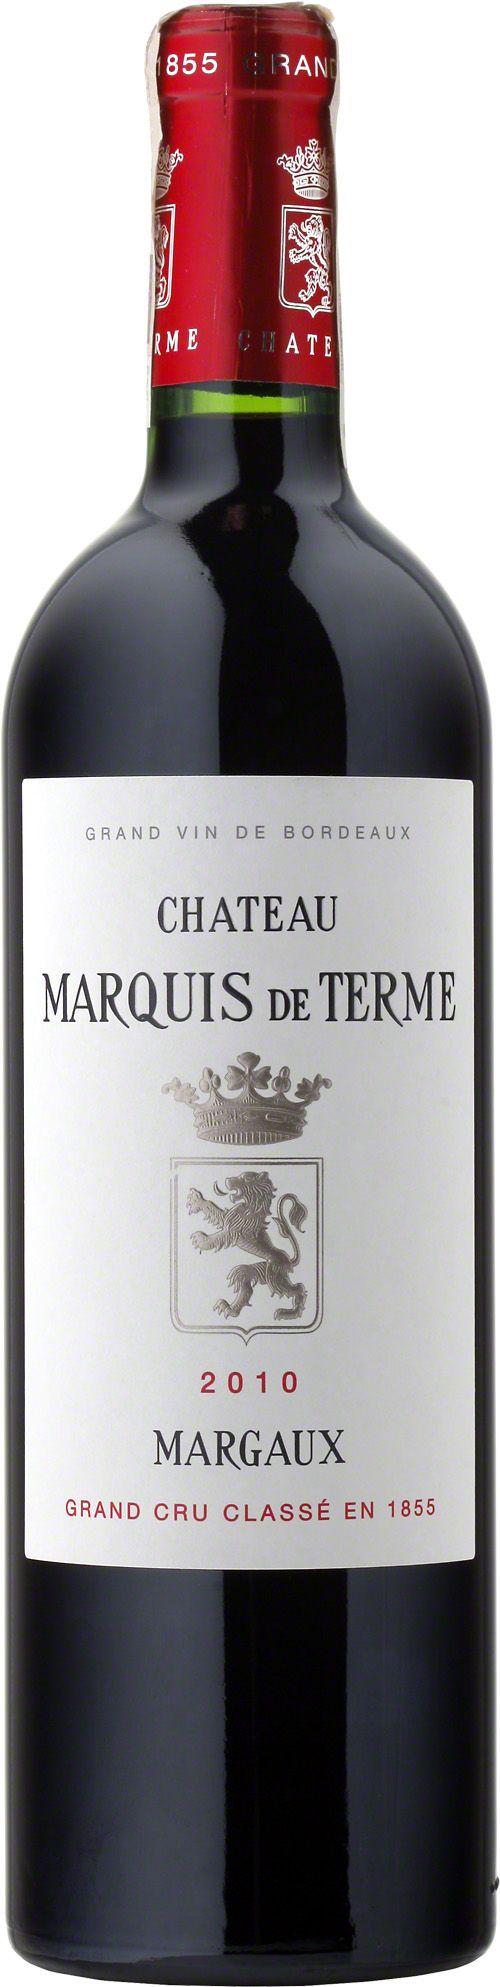 Chateau Marquis De Terme 4-Eme G.C.C. Margaux Wino klasyczne dla apelacji, rubinowo-granatowy kolor, mocne taniny, świetnie zrónoważone, aromaty czarnych porzeczek, wiśni, tytoniu i kakao. #Wino #Margaux #Bordeaux #Winezja